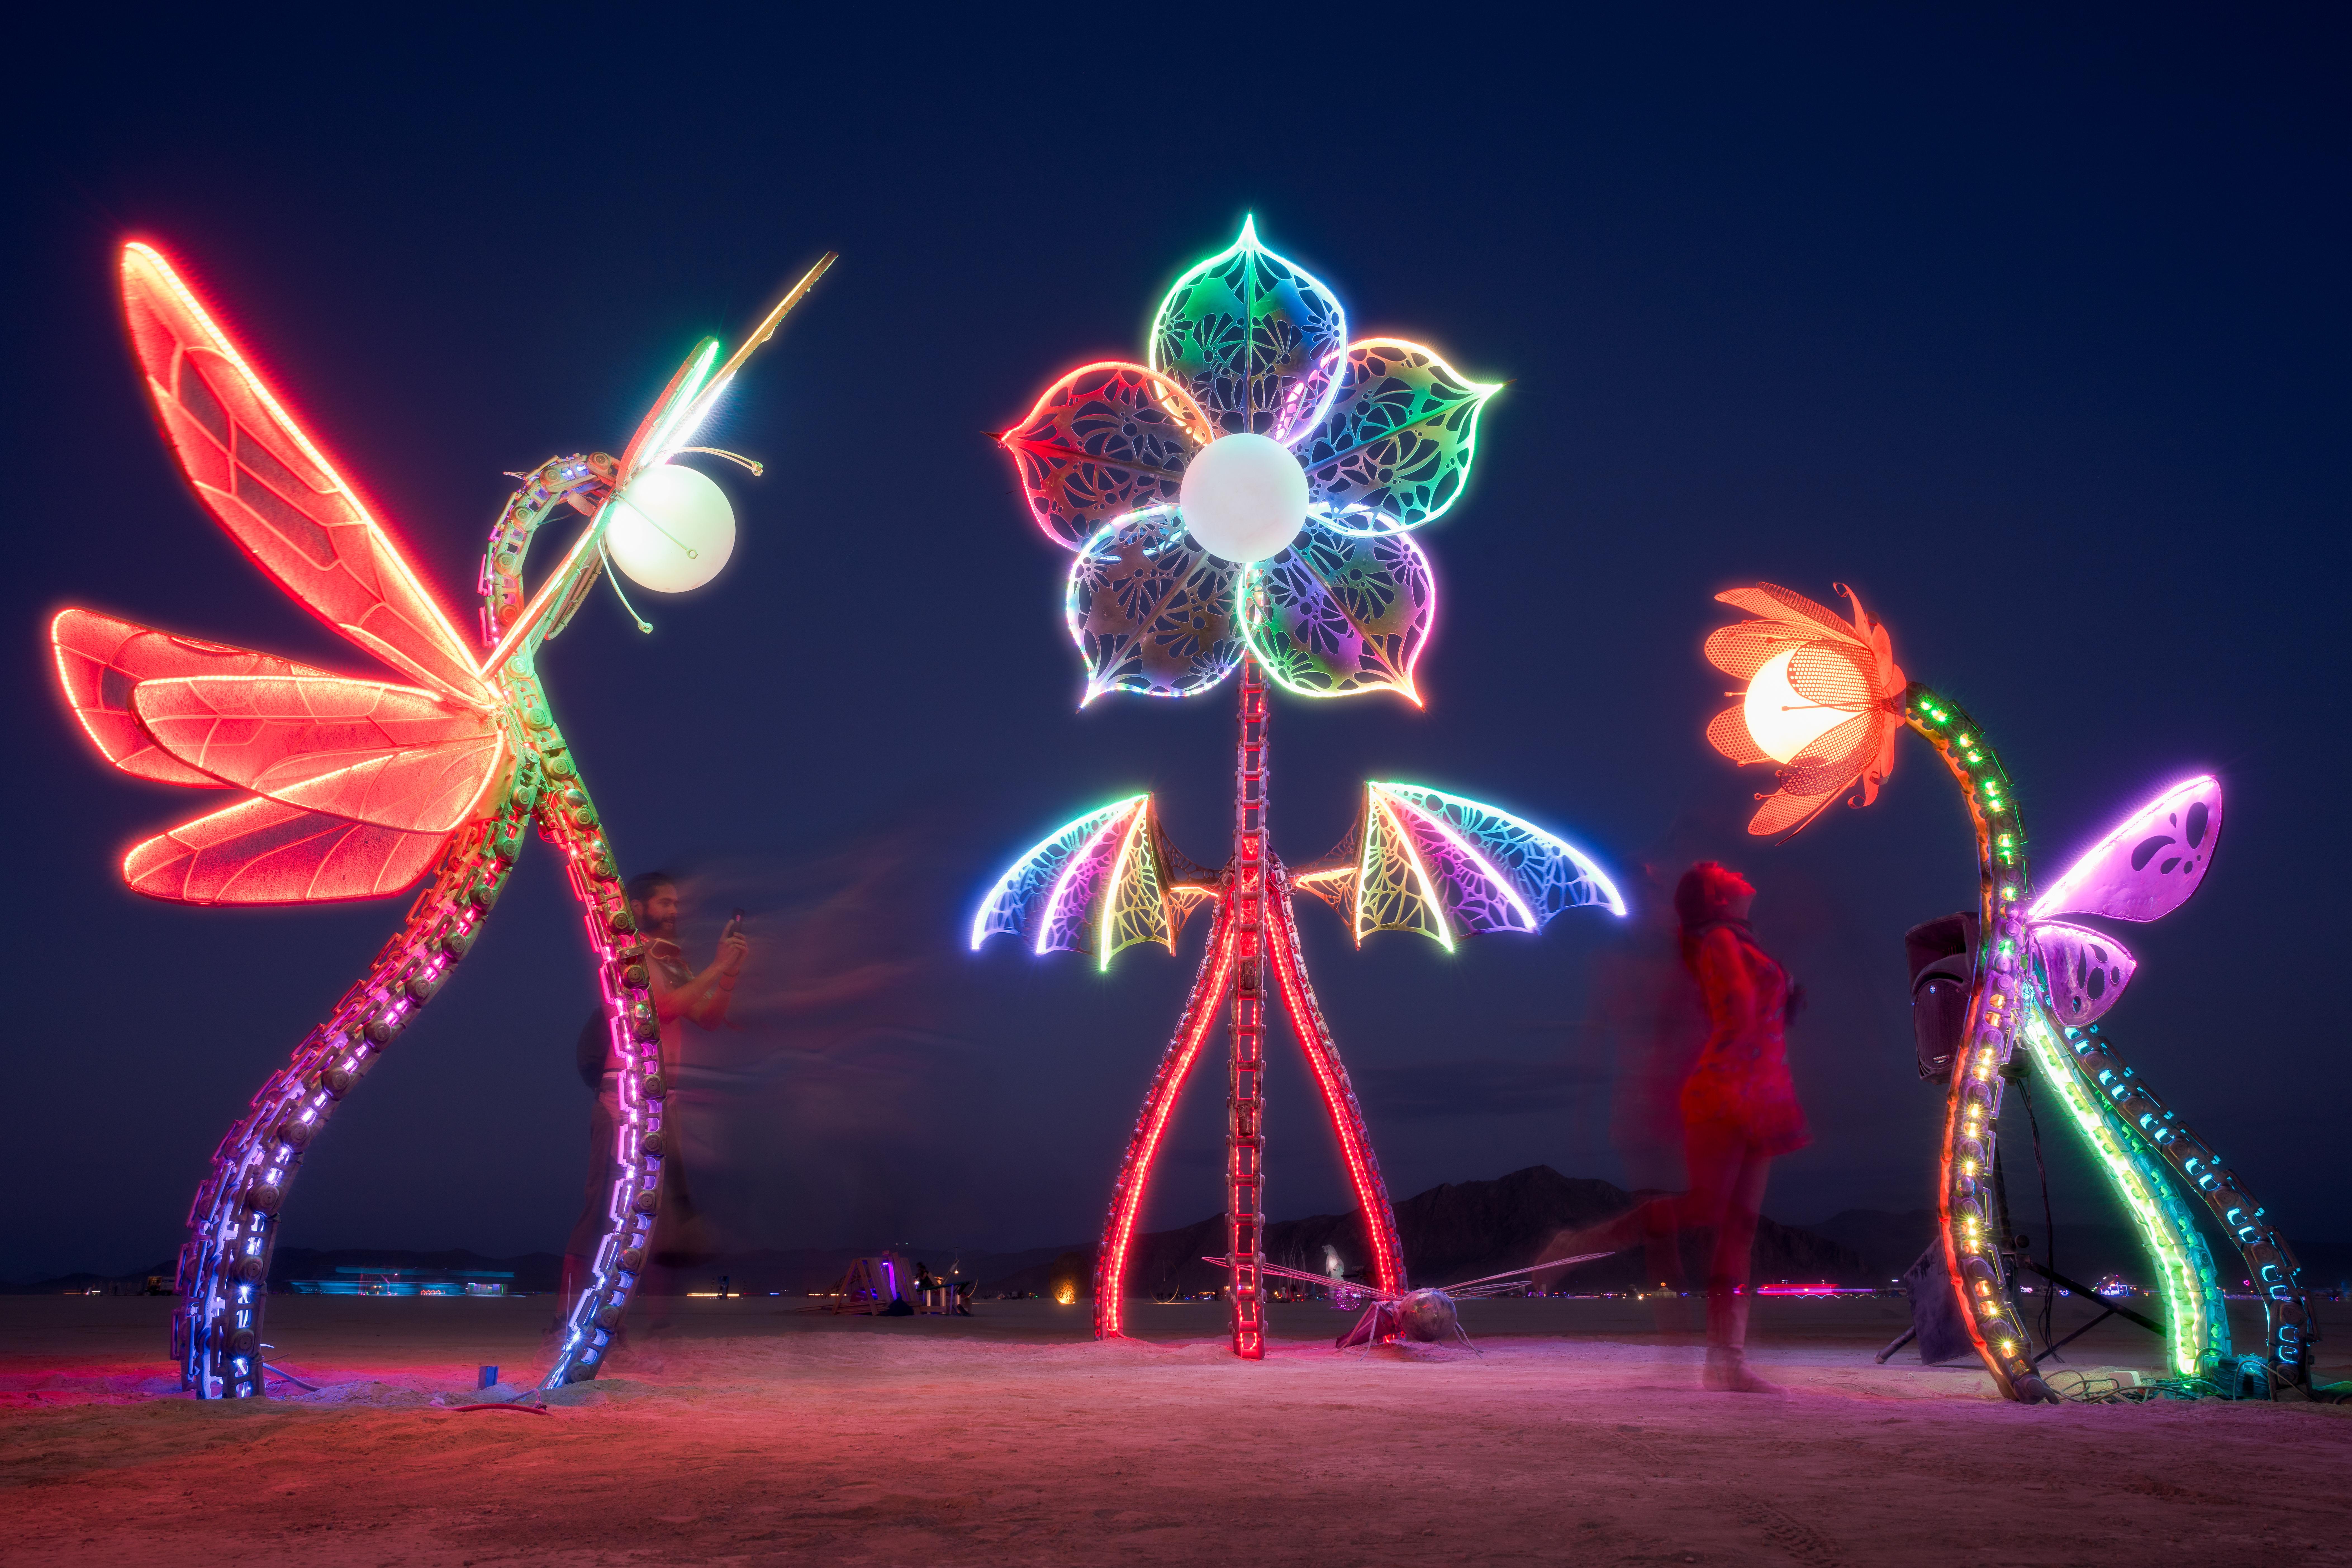 Burning Man 2018 Photos - Duncan co